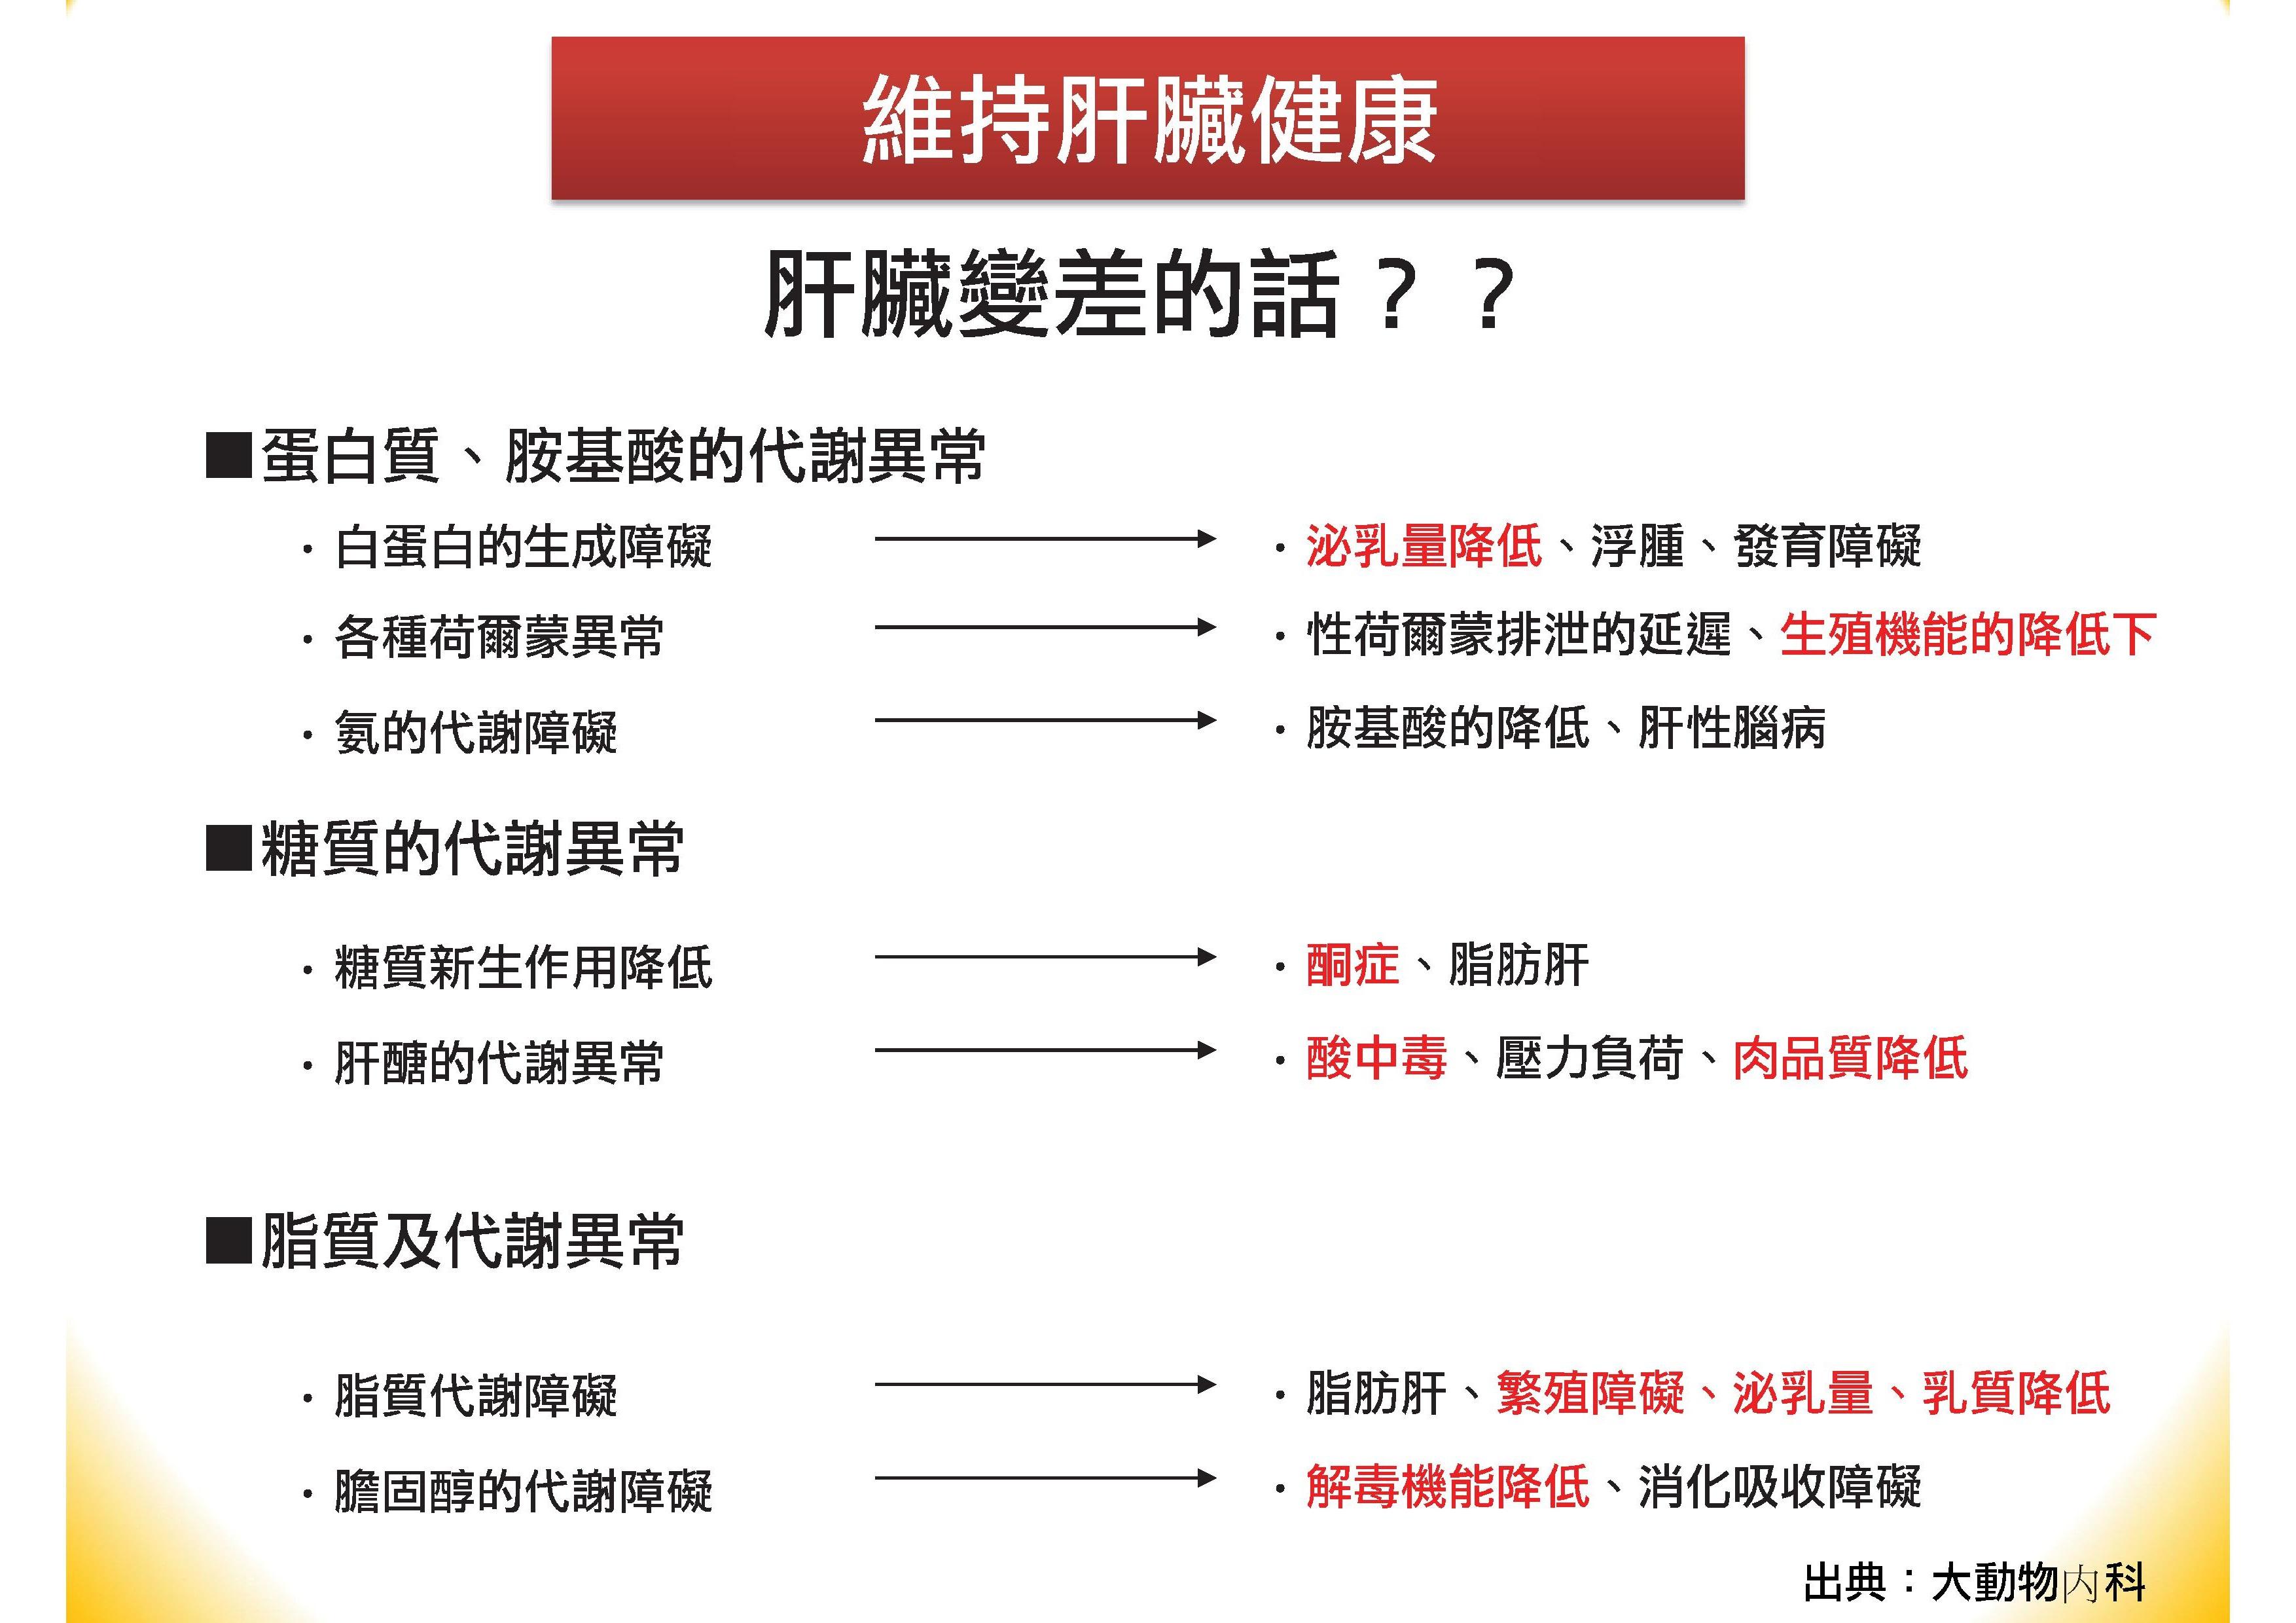 肝寶吸附劑簡報(中文).pdf00011